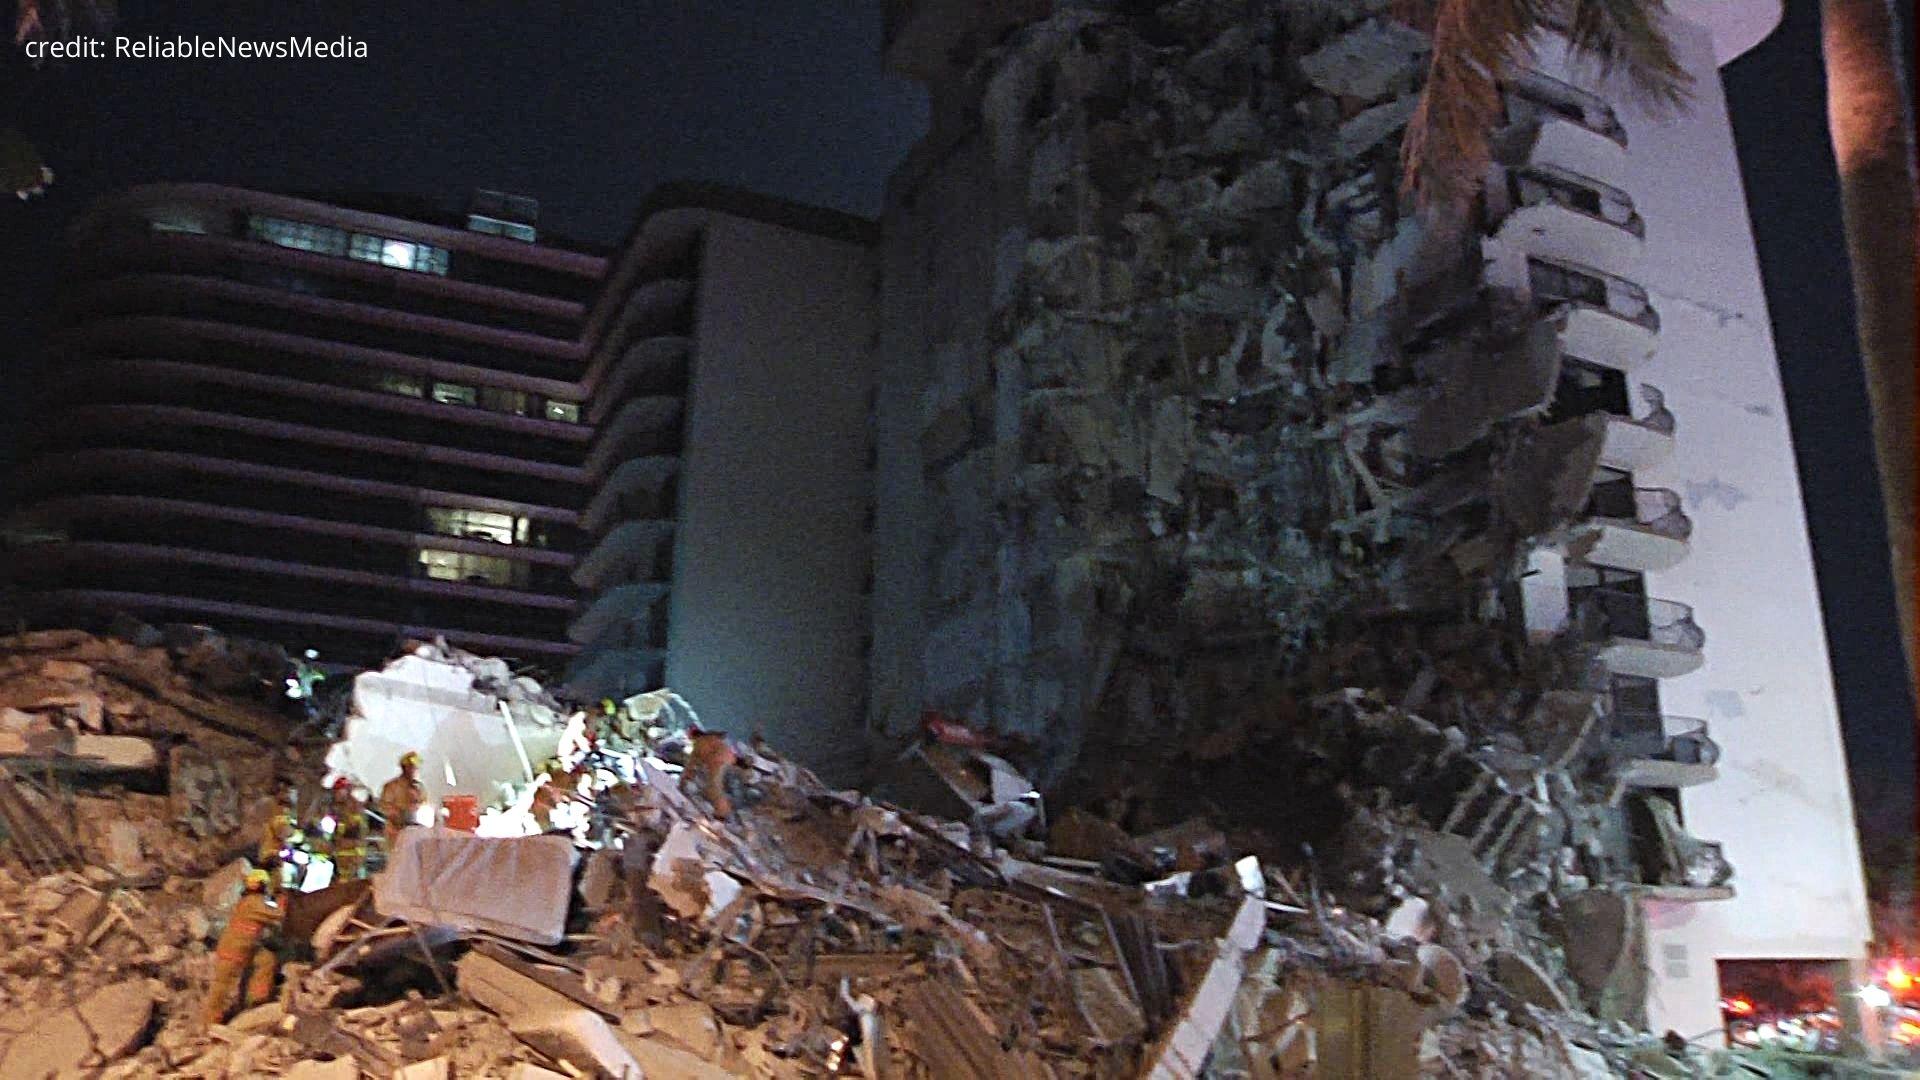 12-story condo building collapses in Miami area